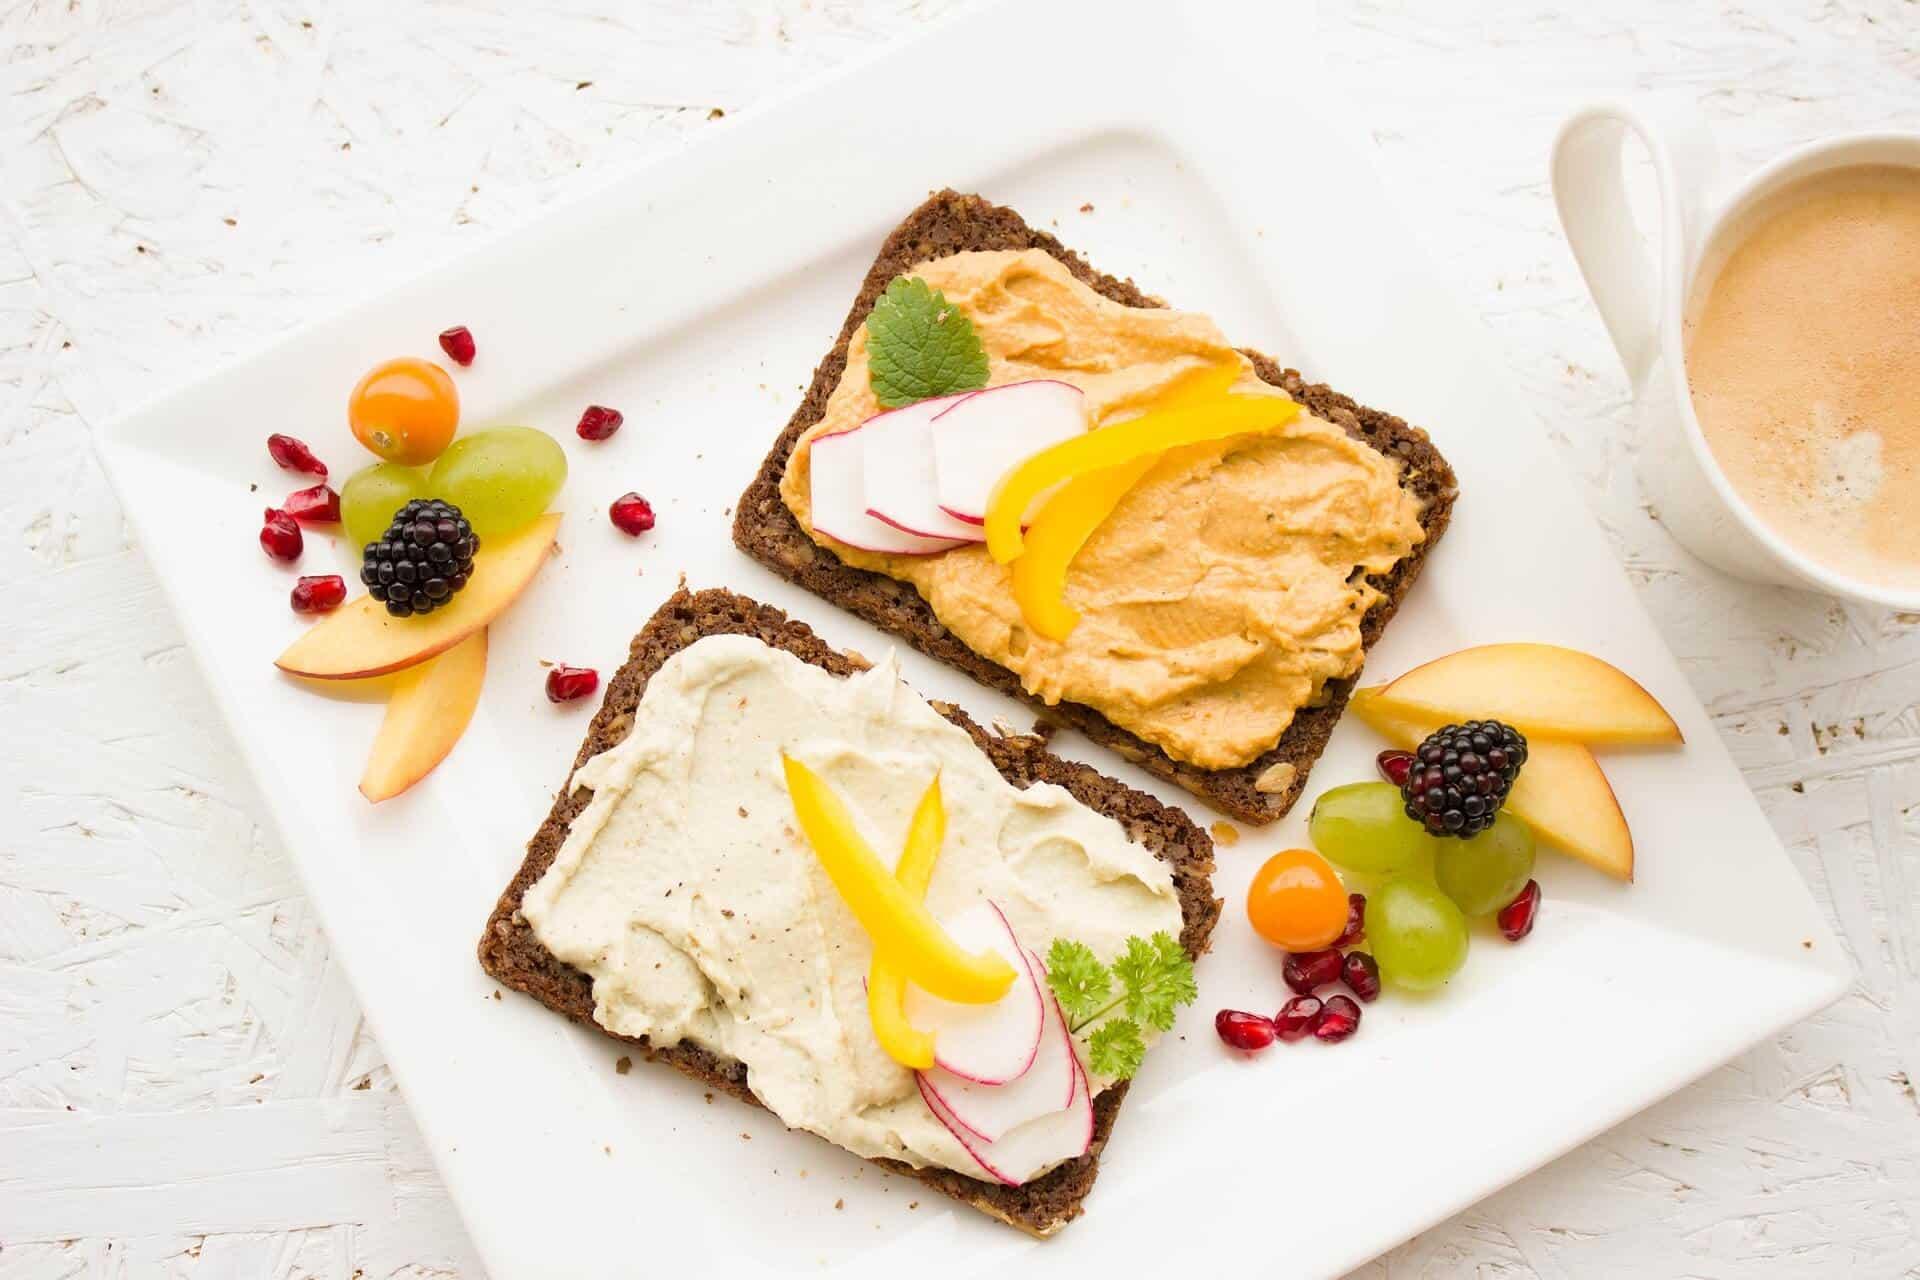 ארוחת הבוקר הכי טובה בחולון והסביבה